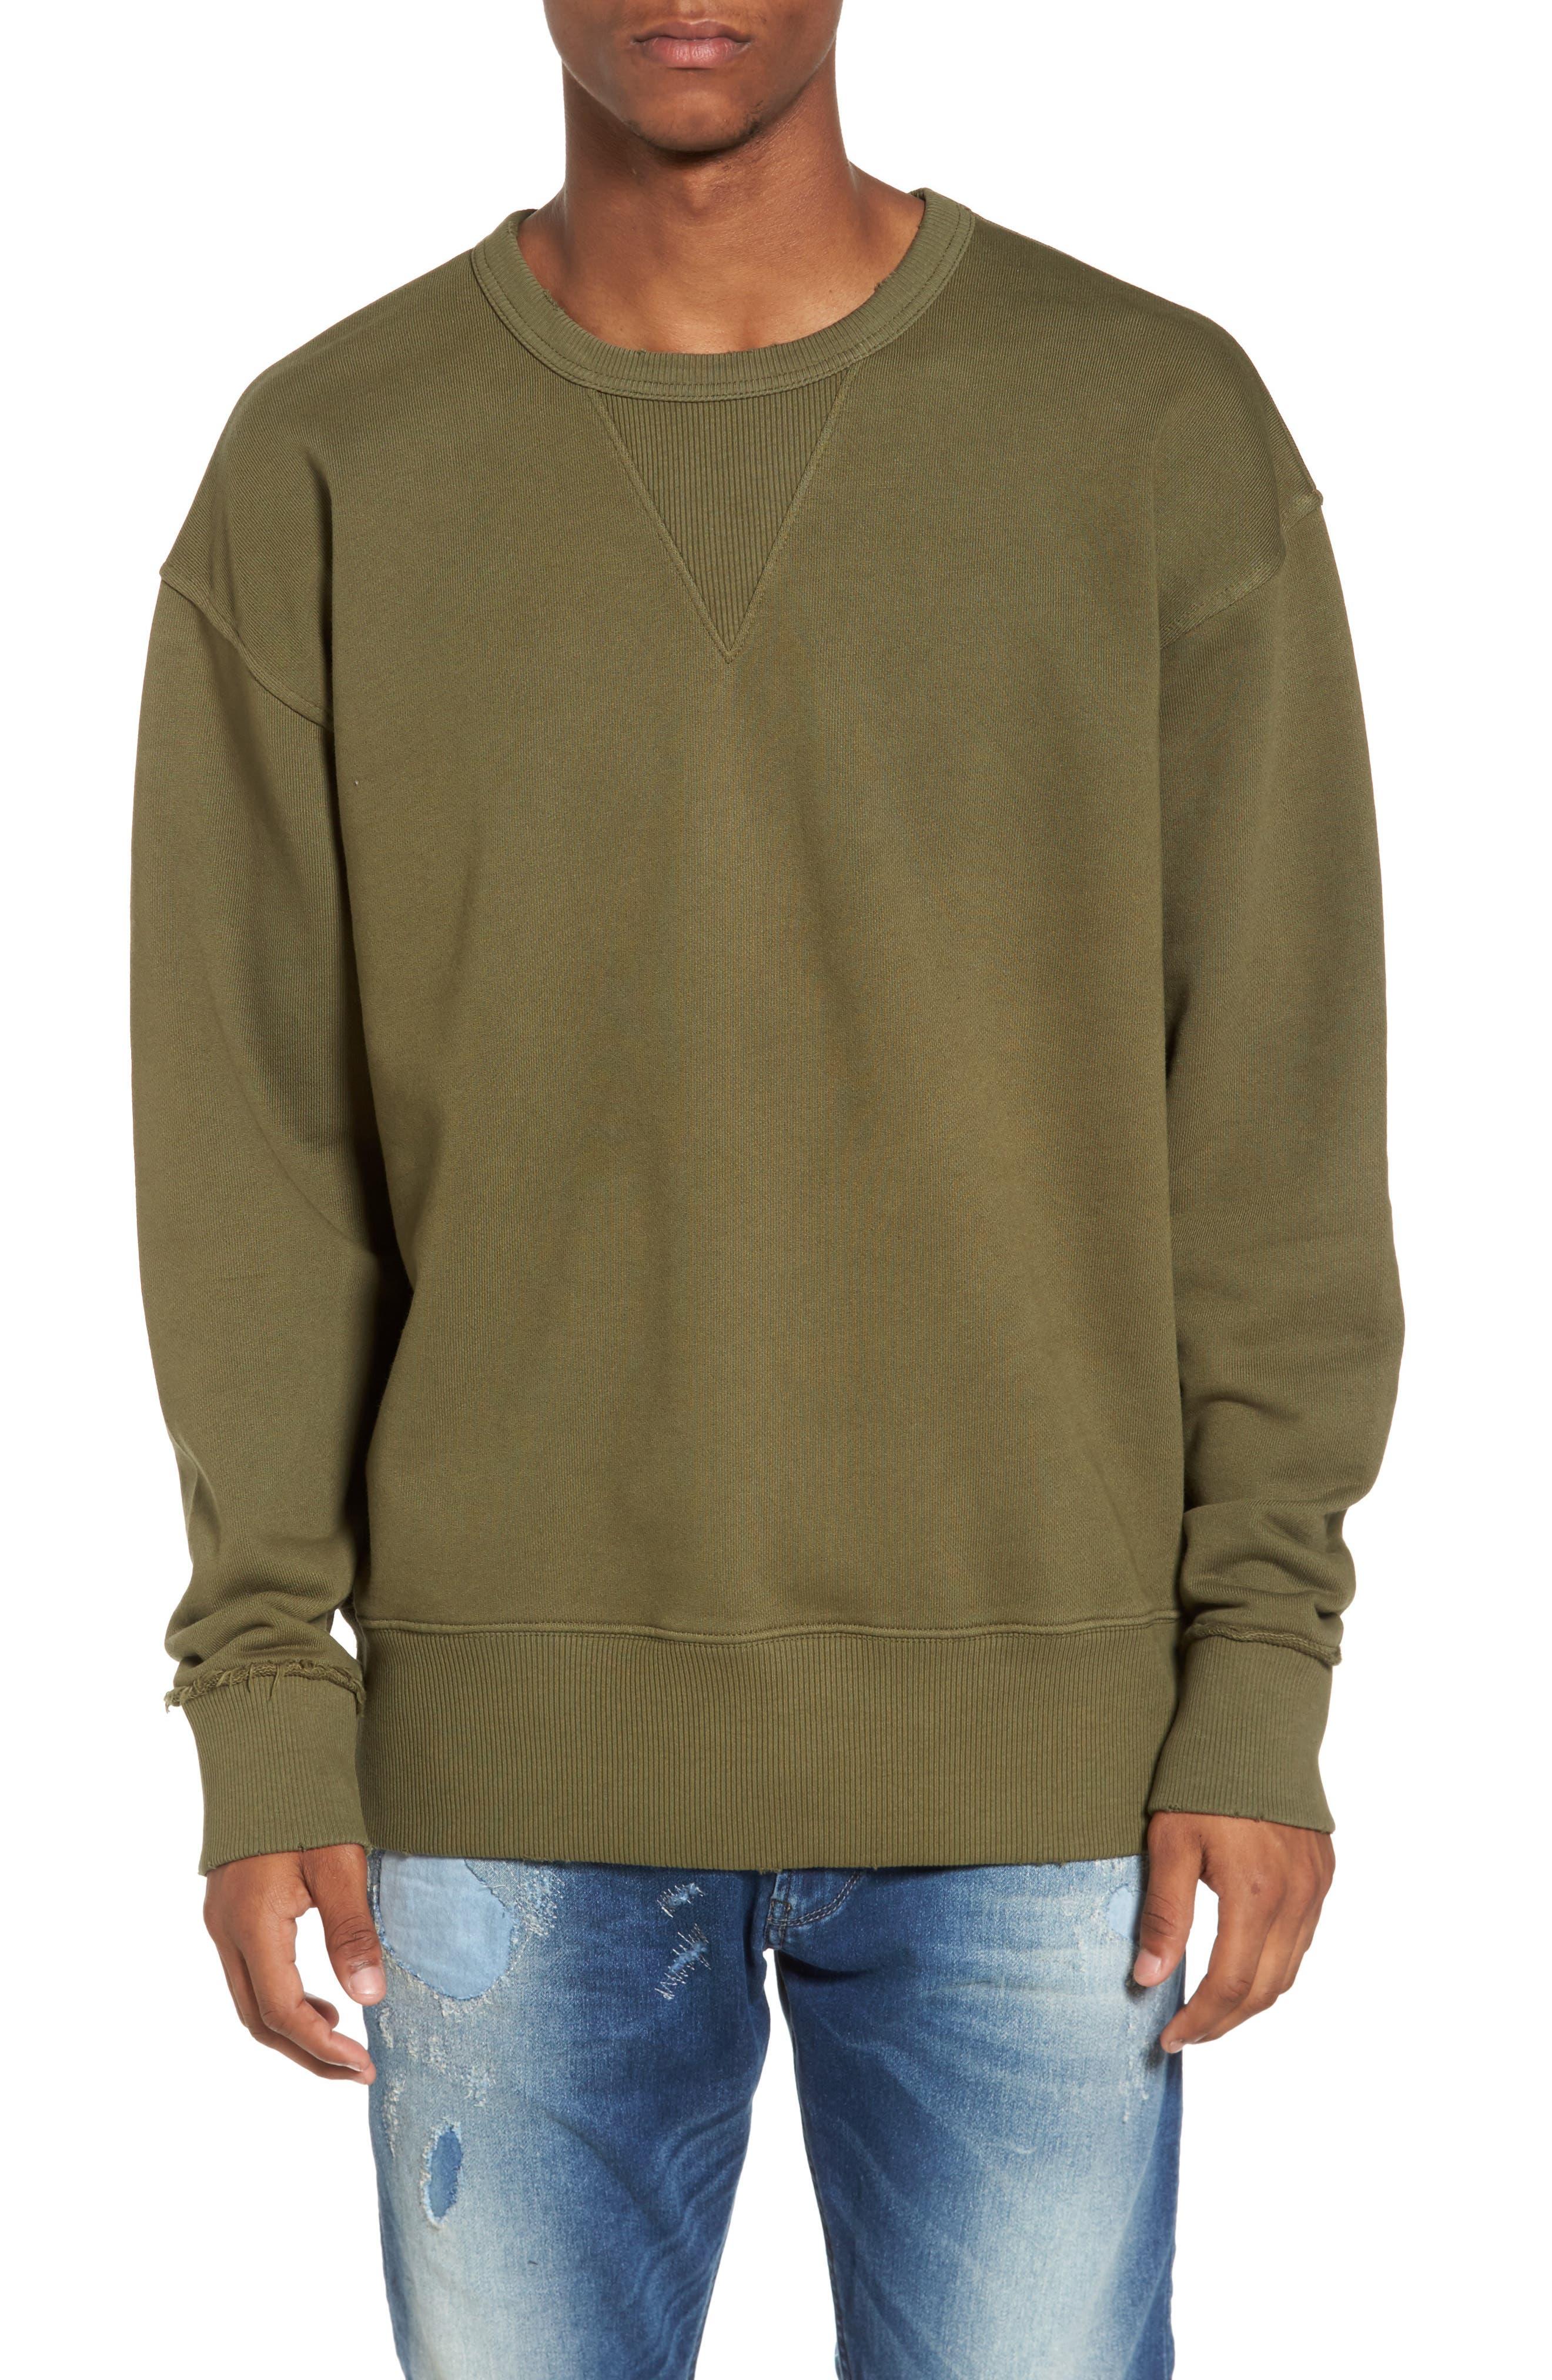 Treasure & Bond Distressed Sweatshirt